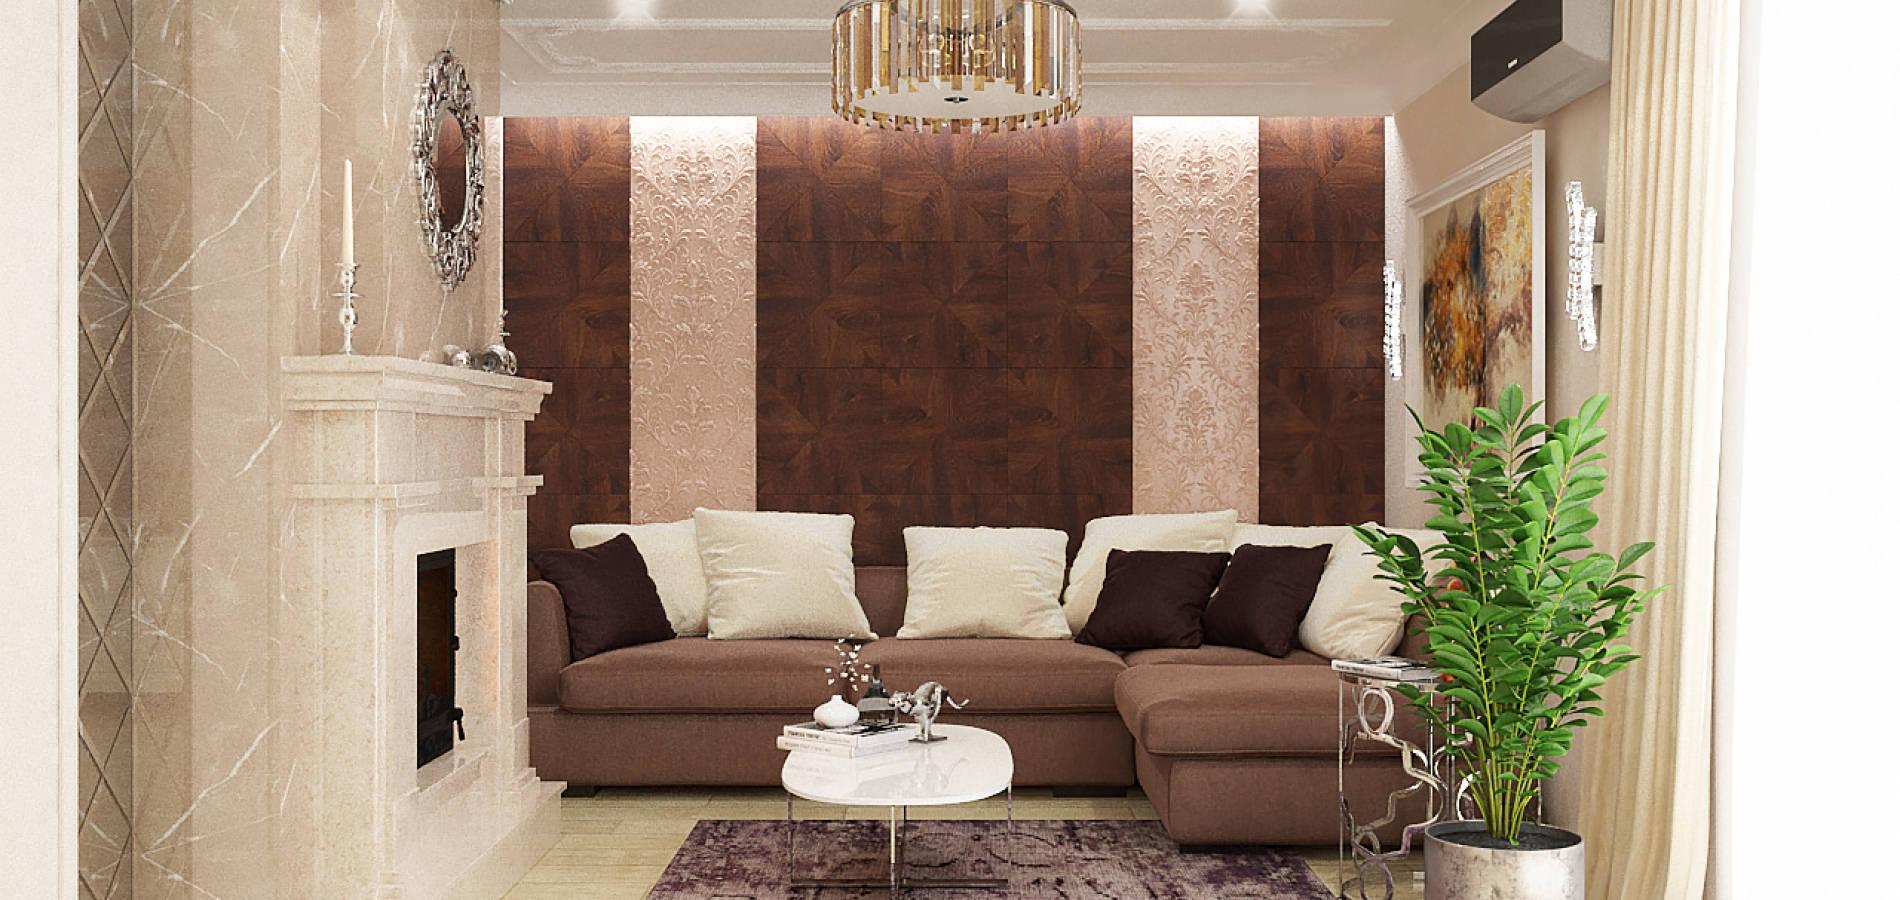 Вітальня з каміном в класичному стилі GK_102